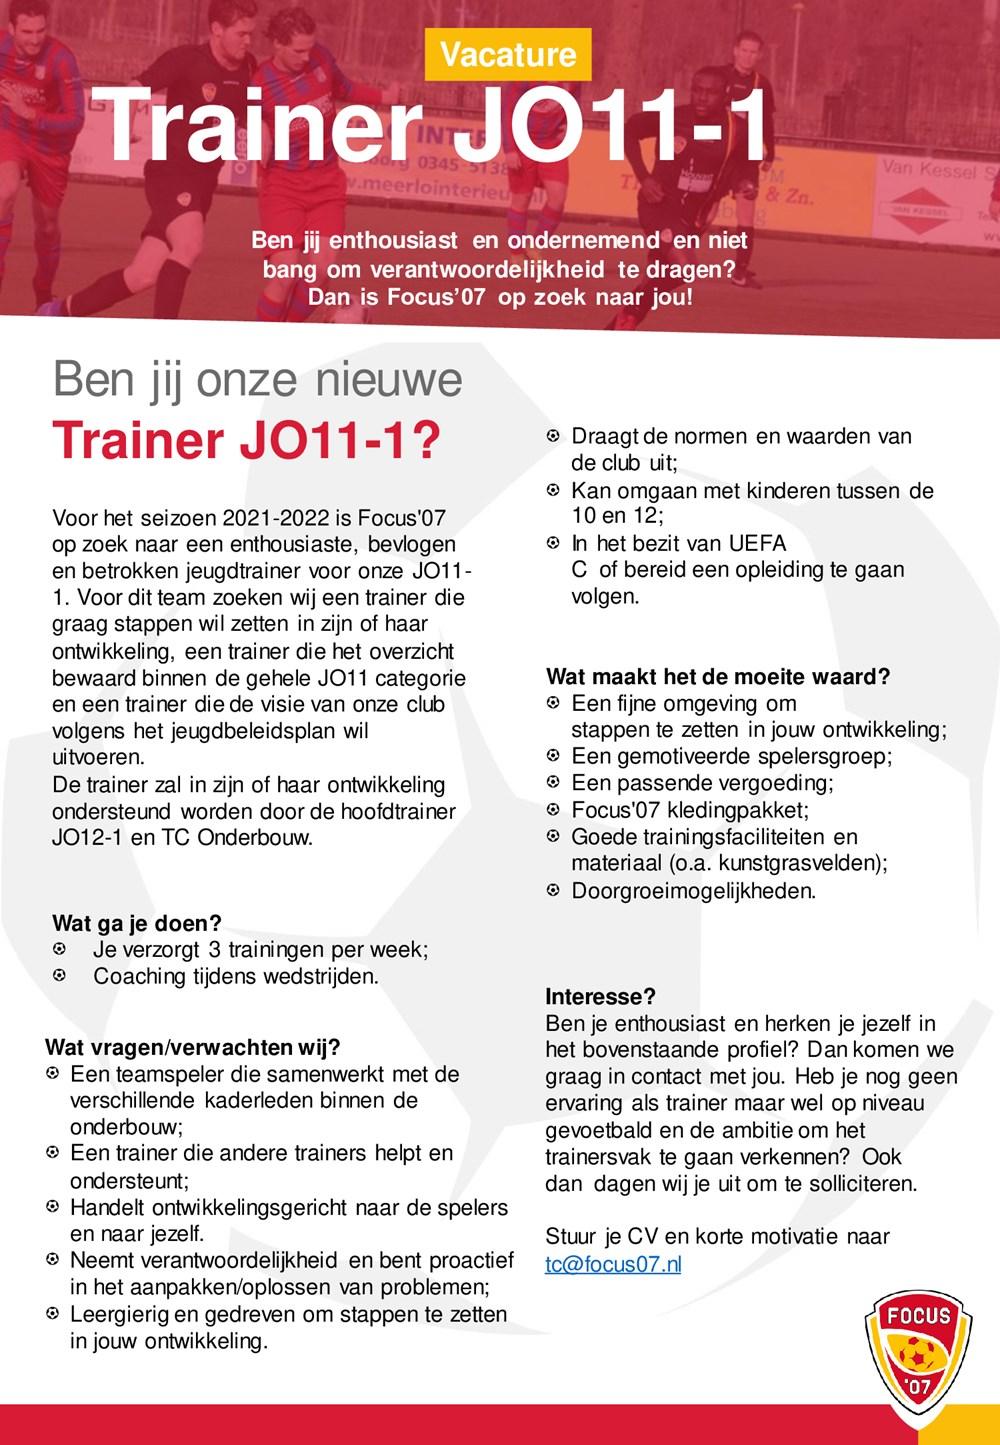 Vacature-trainer-JO11-1.jpg